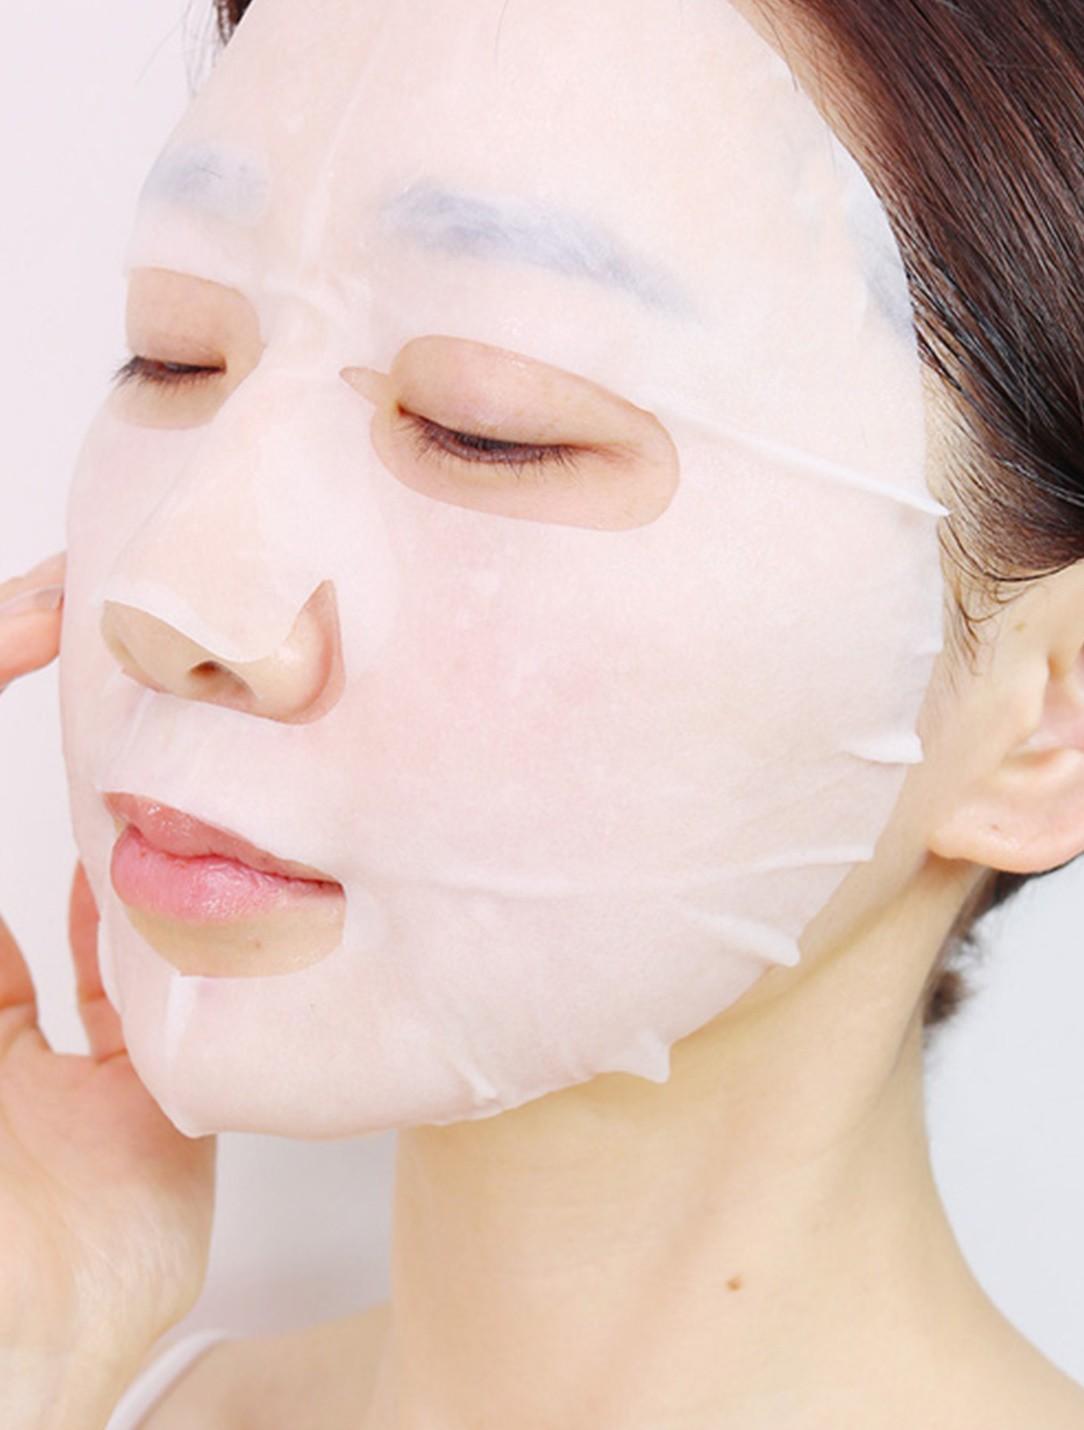 Áp dụng tuyệt chiêu #EveryDayMasking của phụ nữ Nhật, da không dừng ở ngưỡng đủ ẩm mà còn căng mướt tươi sáng - Ảnh 1.